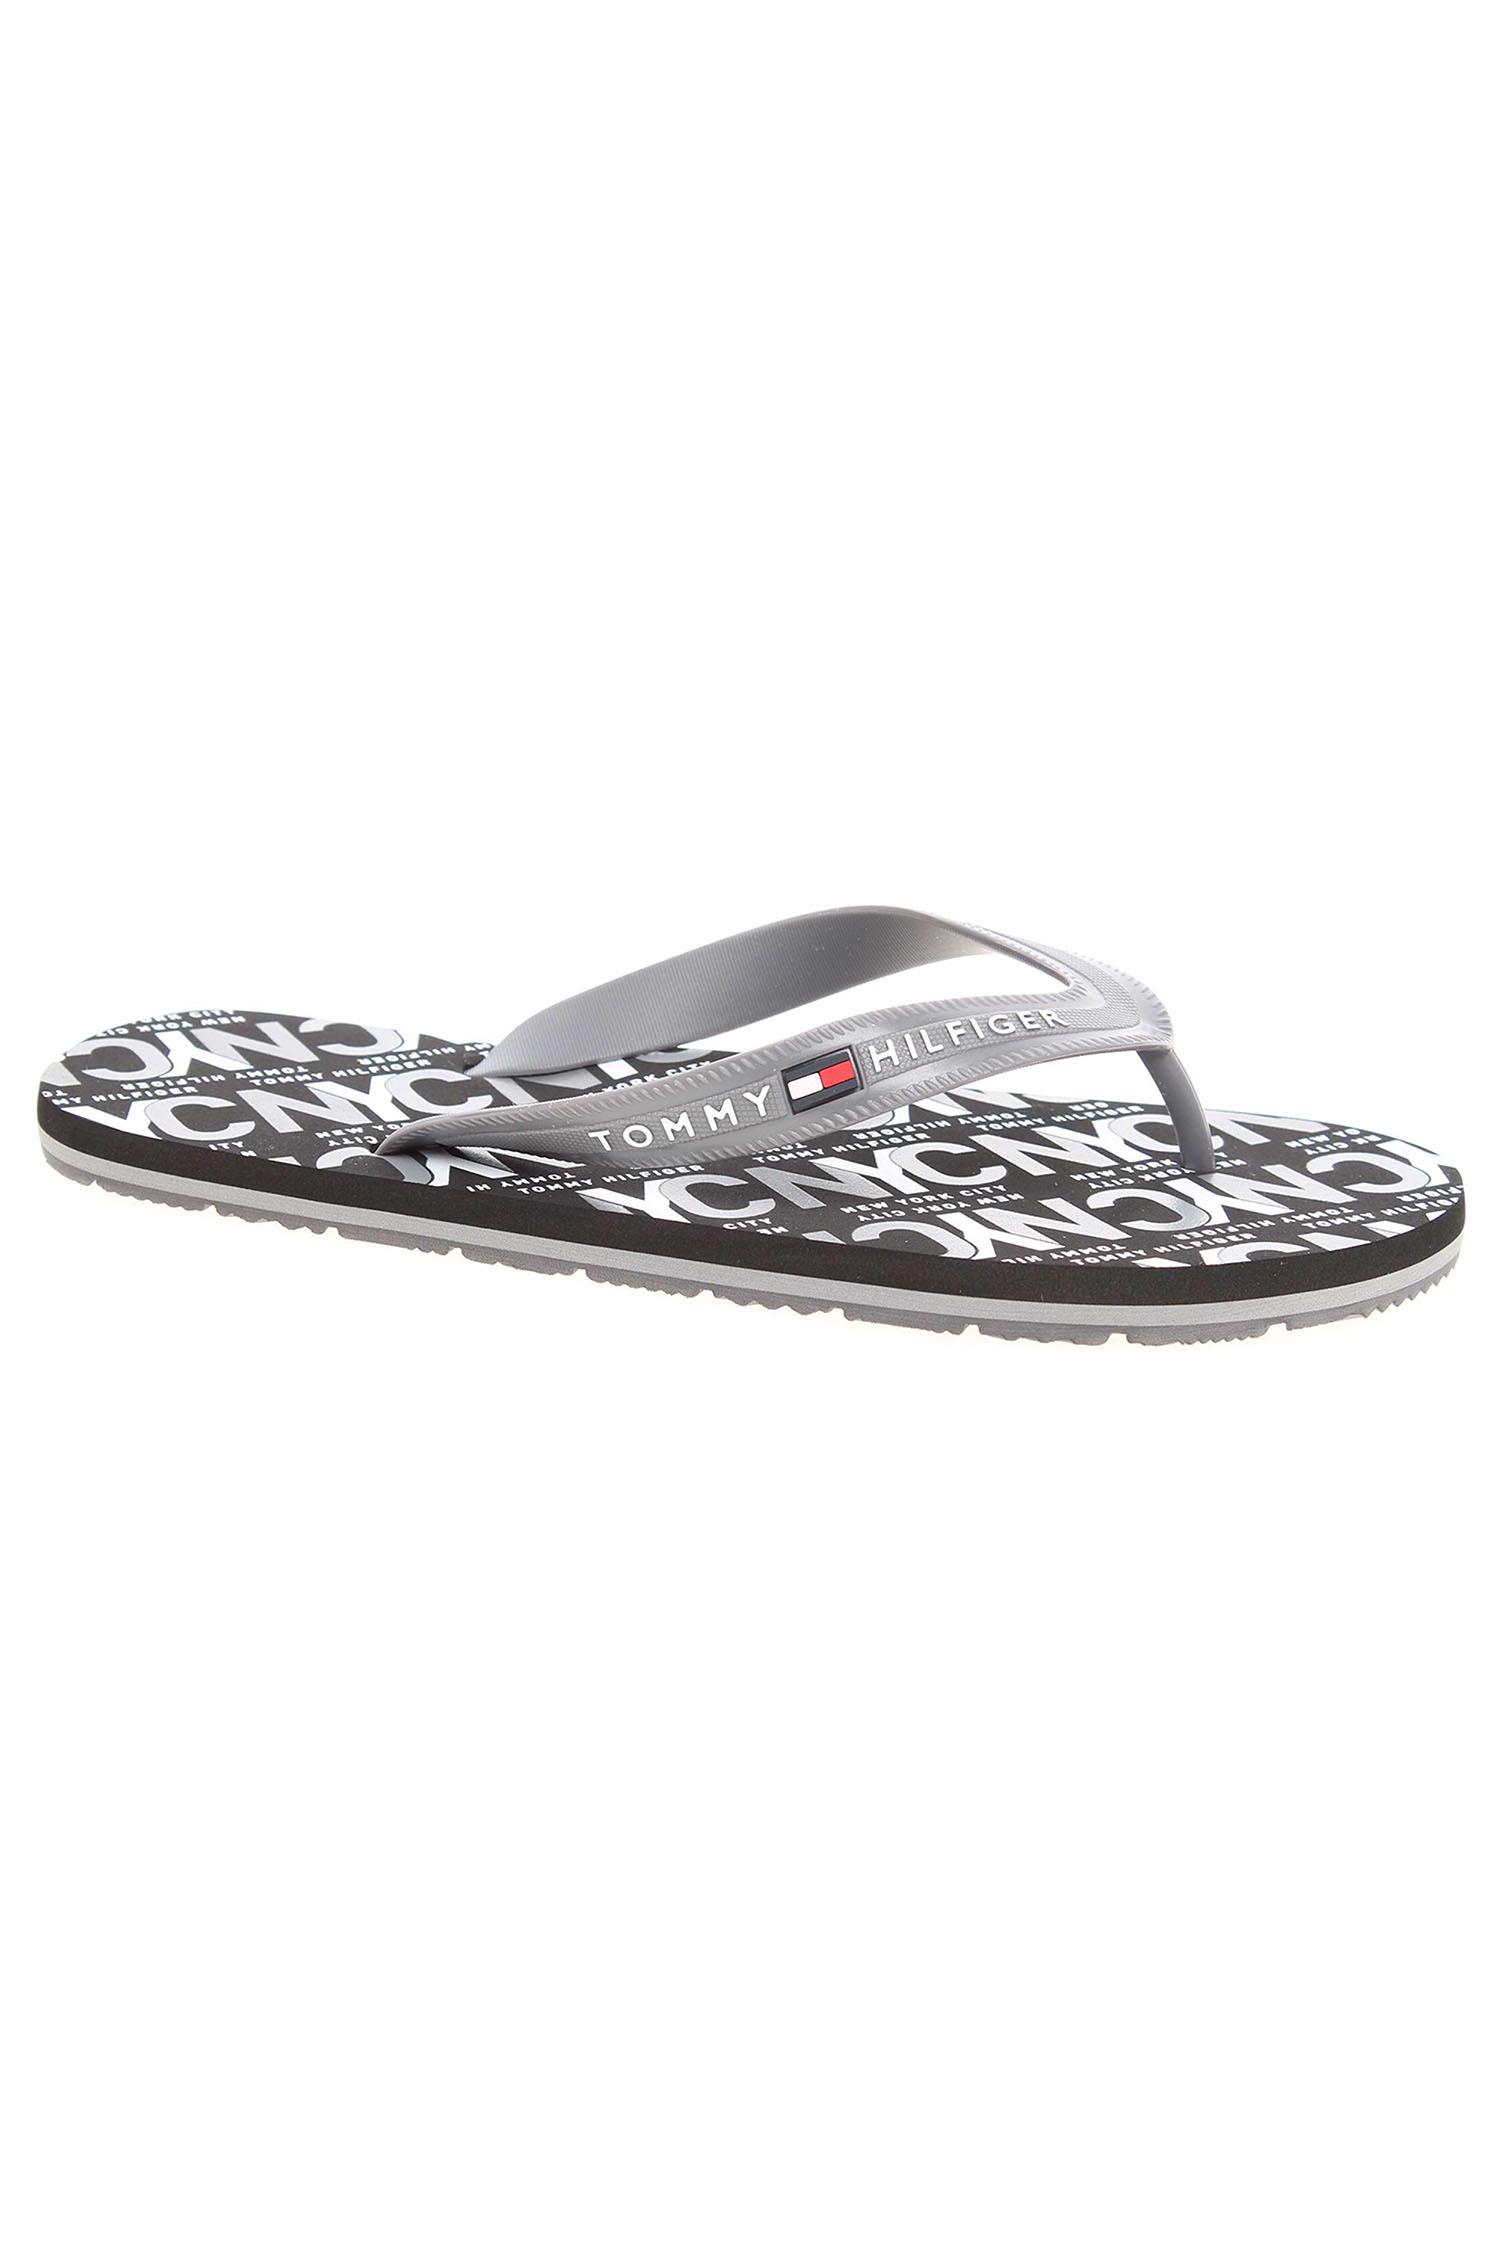 651e22eb97 Pánské plážové pantofle Tommy Hilfiger FM0FM01361 steel grey ...